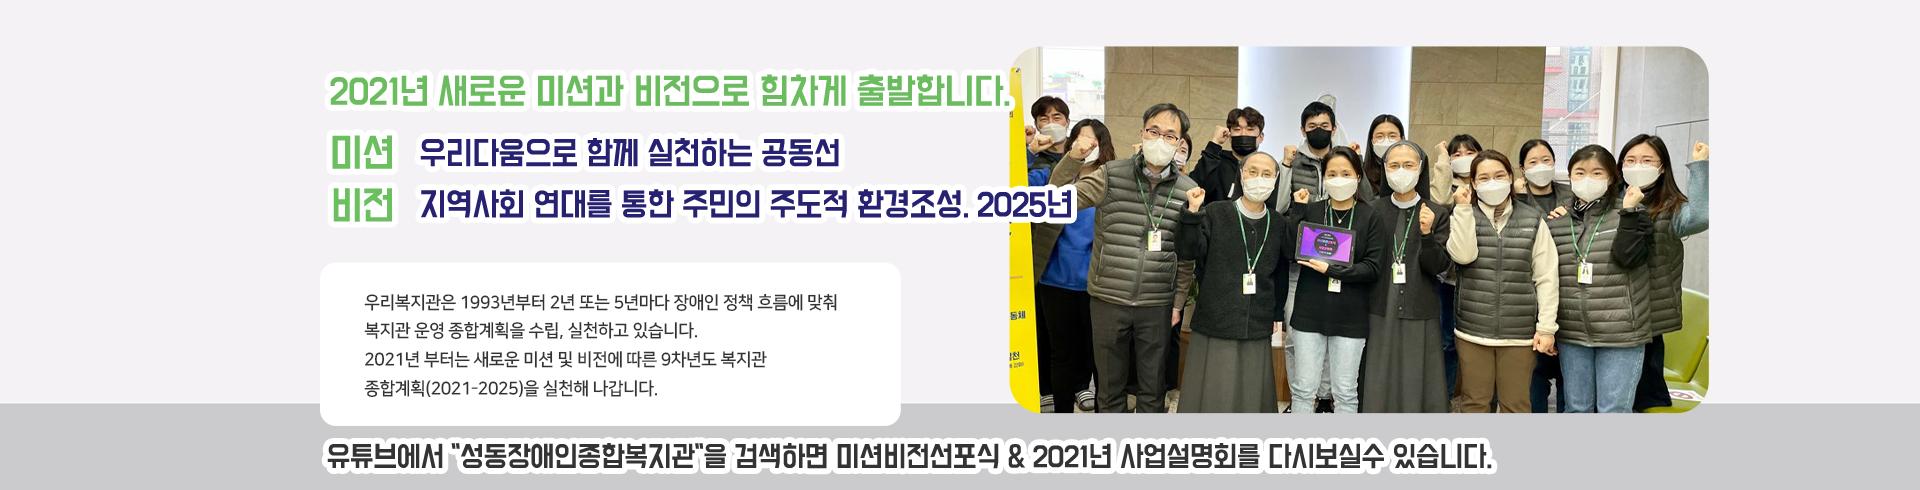 2021년새로운미션과비전으로힘차게출발합니다.[미션]우리다움으로함께실천하는공동선[비전]지역사회연대를통한주민의주도적환경조성.2025년.우리복지관은1993년부터3년또는5년마다장애인정책흐름에맞춰복지관운영종합계획을수립,실천하고있습니다.2021년부터는새로운미션및비전에따른9차년도복지관종합계획(2021-2025)을실천해나갑니다.